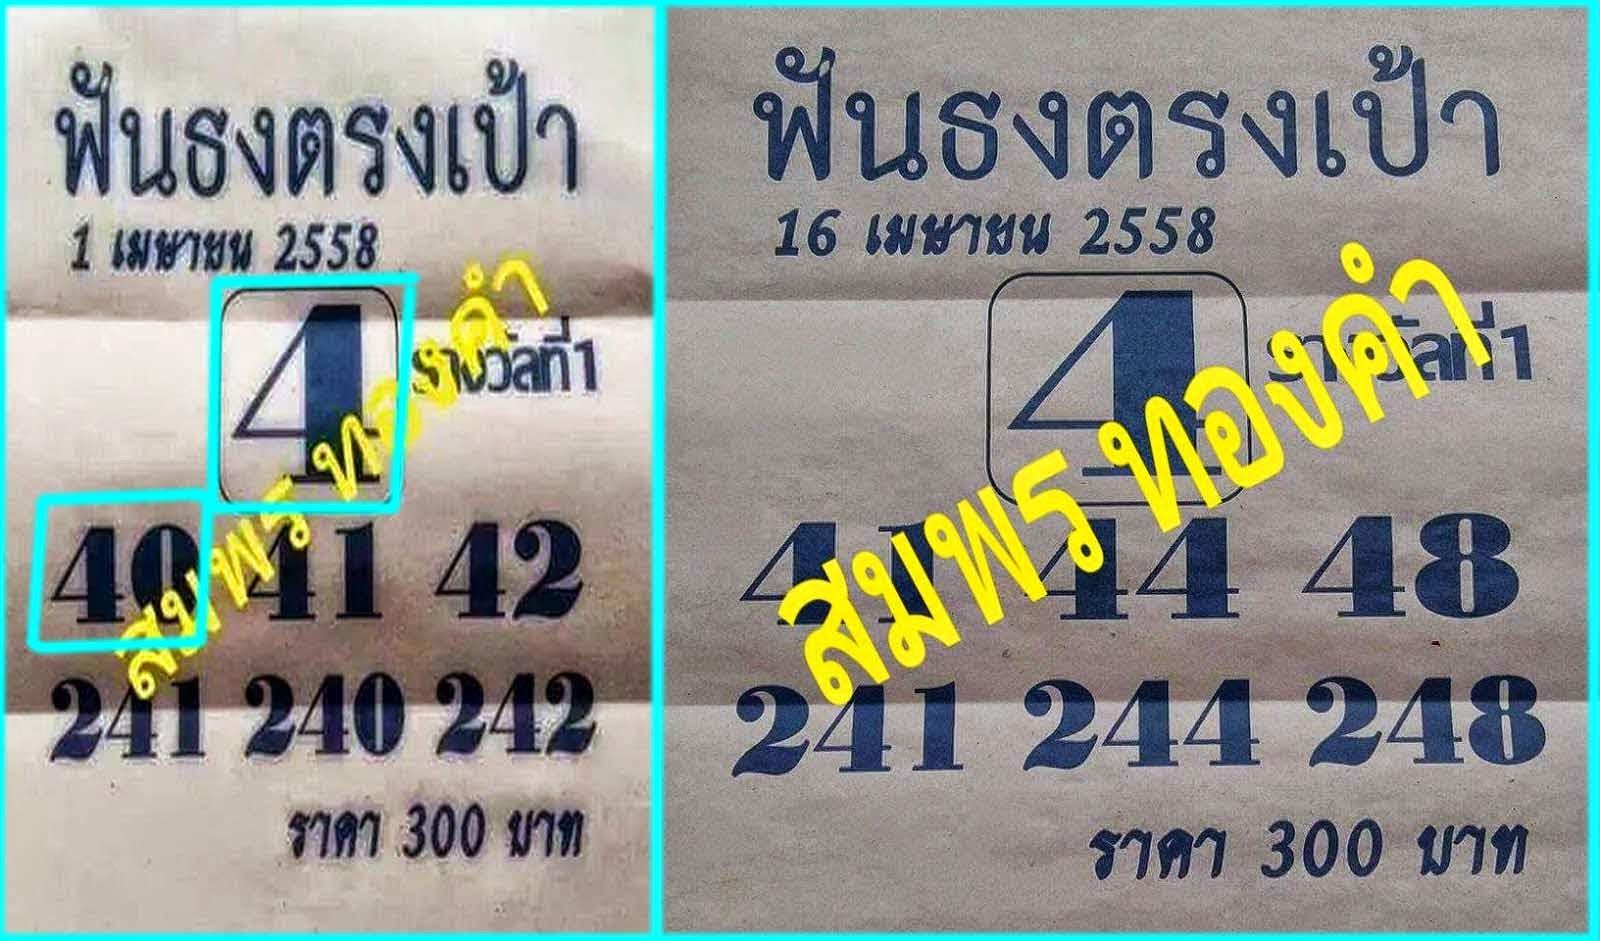 หวยซอง ฟันธงตรงเป้า 16 เมษายน 58,หวยซองงวดนี้,ข่าวหวยงวดนี้,หวยเด็ดงวดนี้,เลขเด็ดงวดนี้ 16/04/58 เมษายน